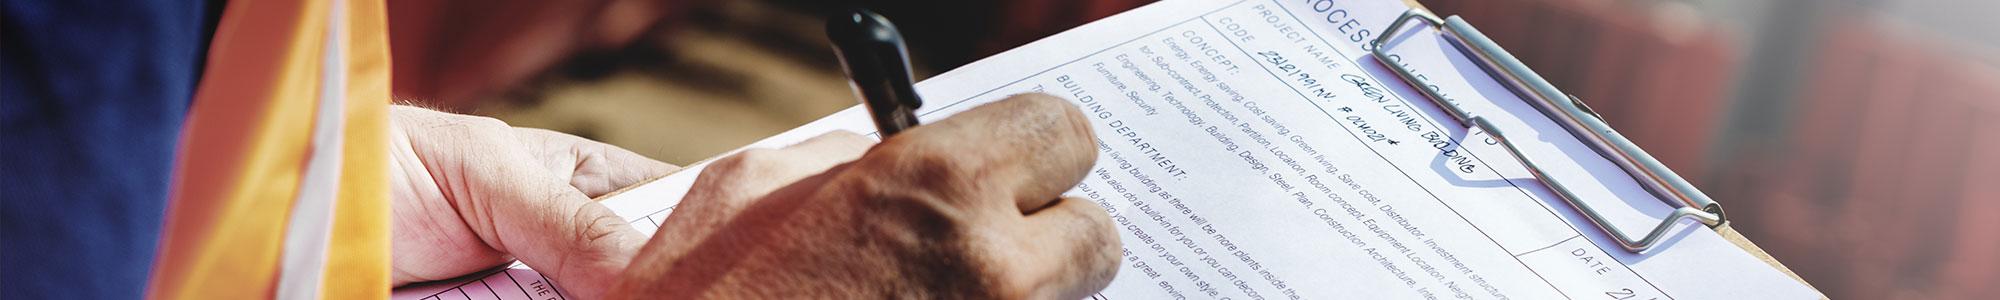 Arbeiter notiert etwas auf einem Blatt